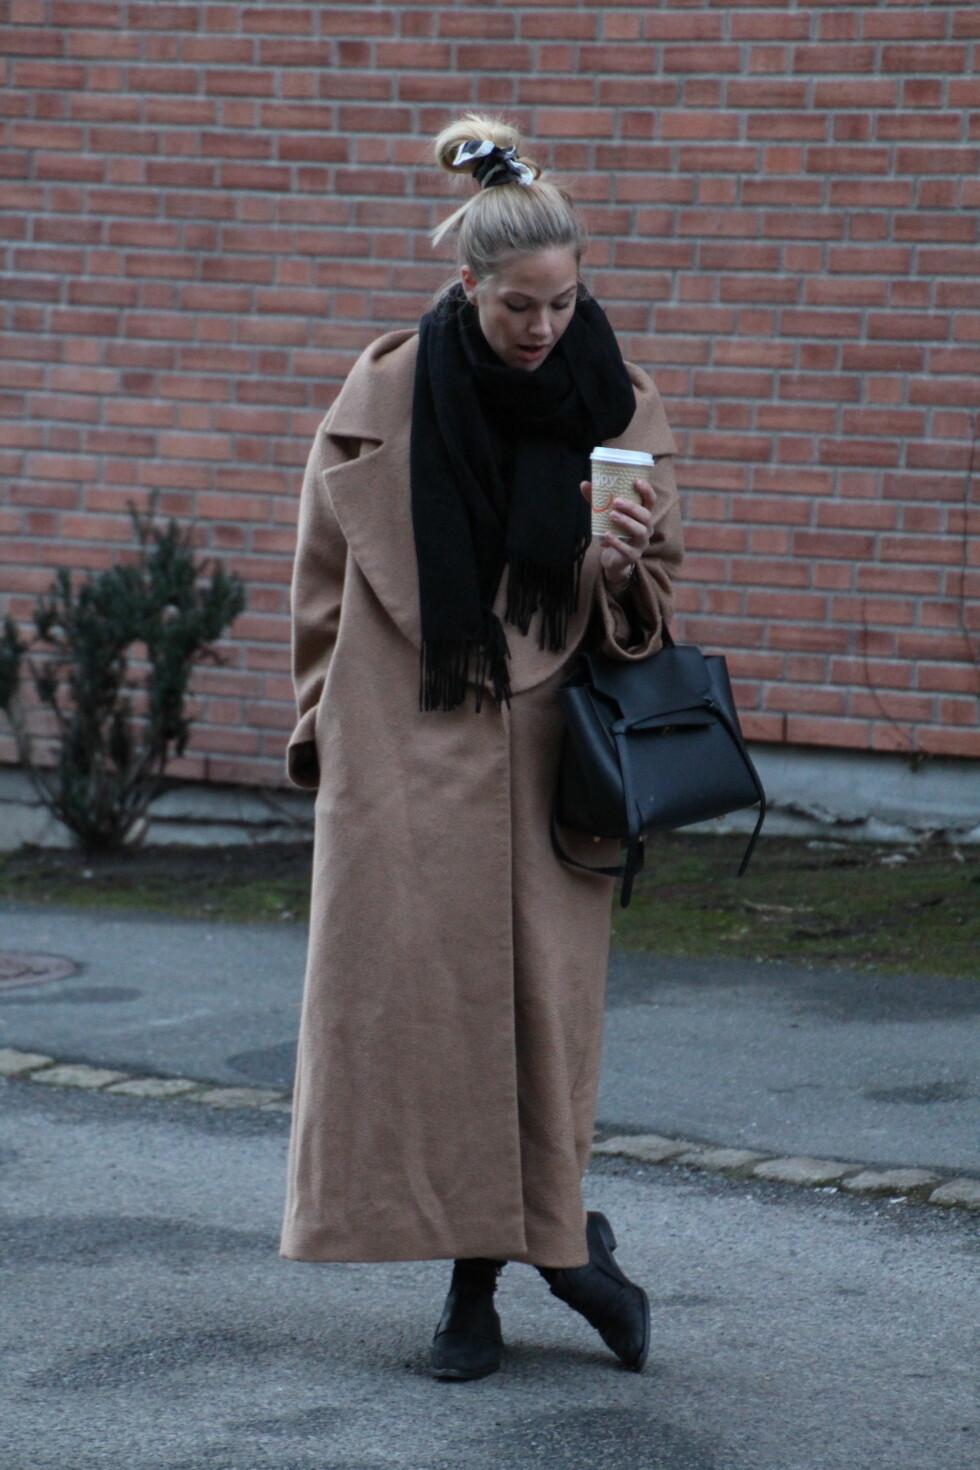 VINTERSTIL: Maria kler seg i en overdimensjonert, kamelfarget frakk som hun styler med svart tilbehør og setter kronen på verket med et tørkle i håret.  Foto: Mariaskappel.no